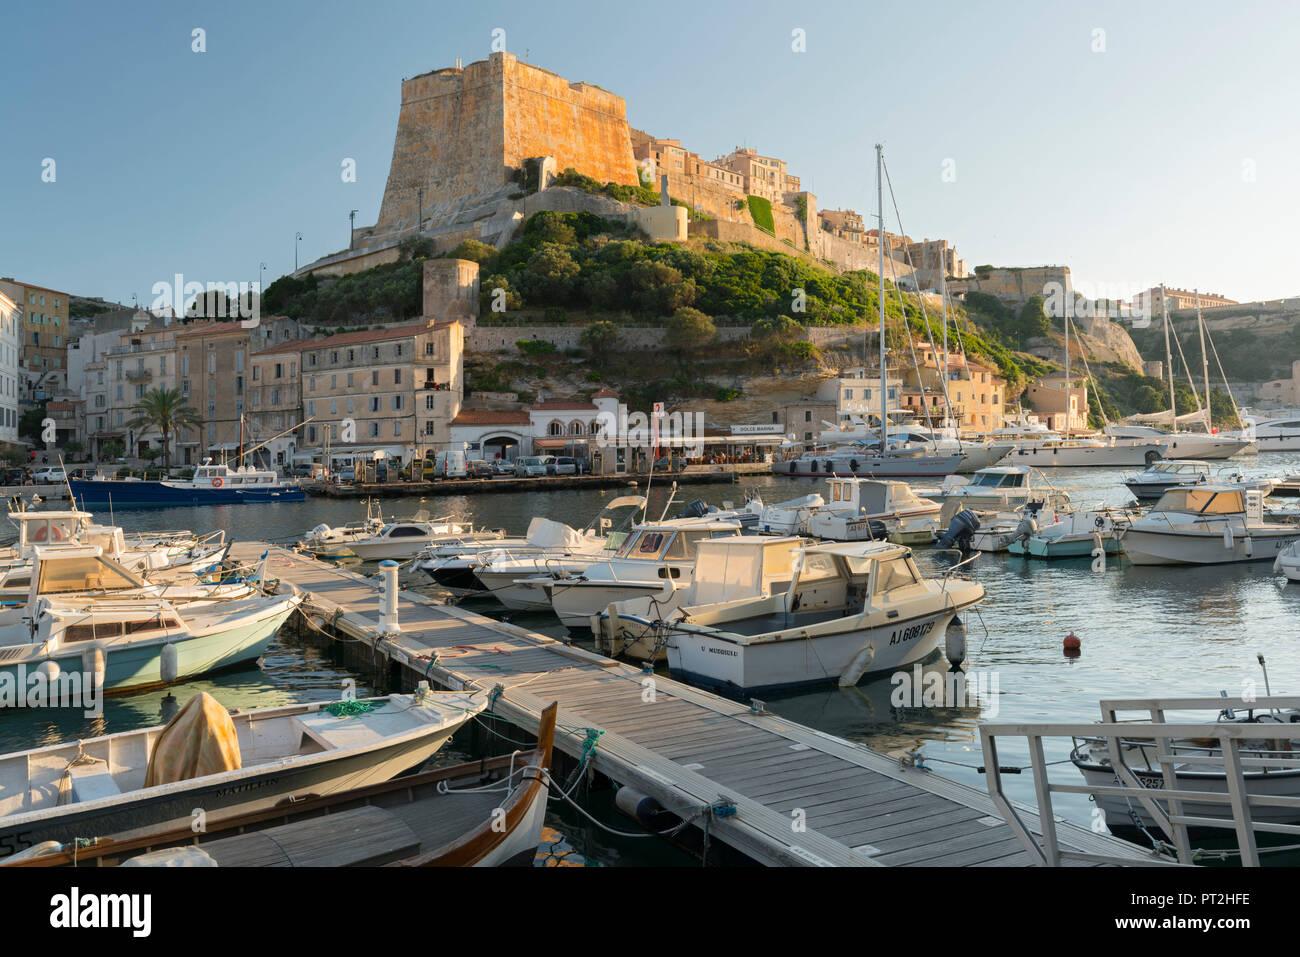 Il porto e la cittadella di Bonifacio, Corse du Sud, Corsica, Francia Immagini Stock